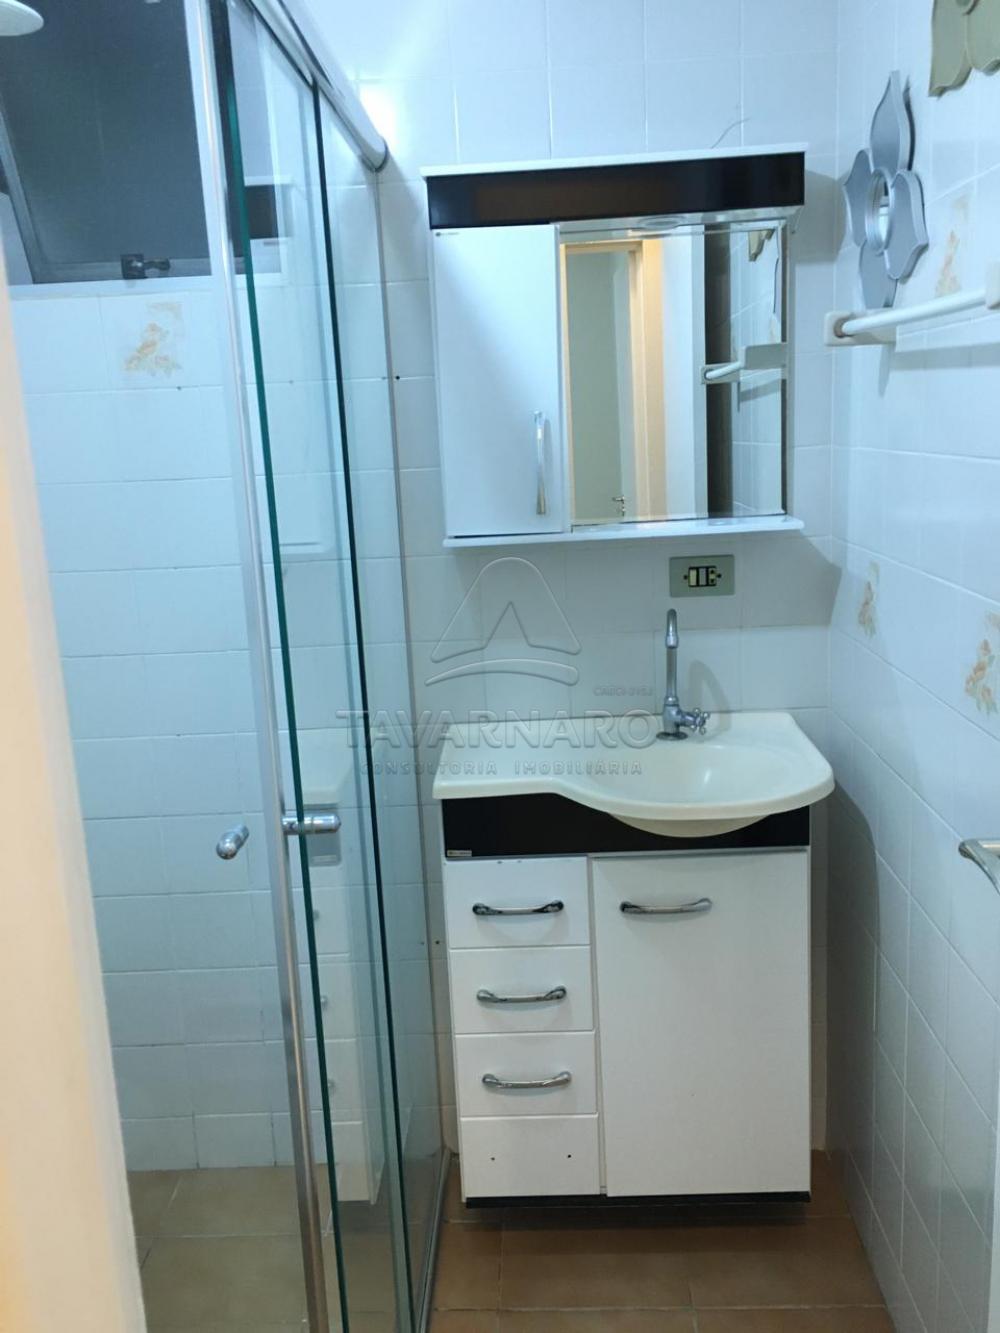 Comprar Apartamento / Padrão em Ponta Grossa R$ 190.000,00 - Foto 3